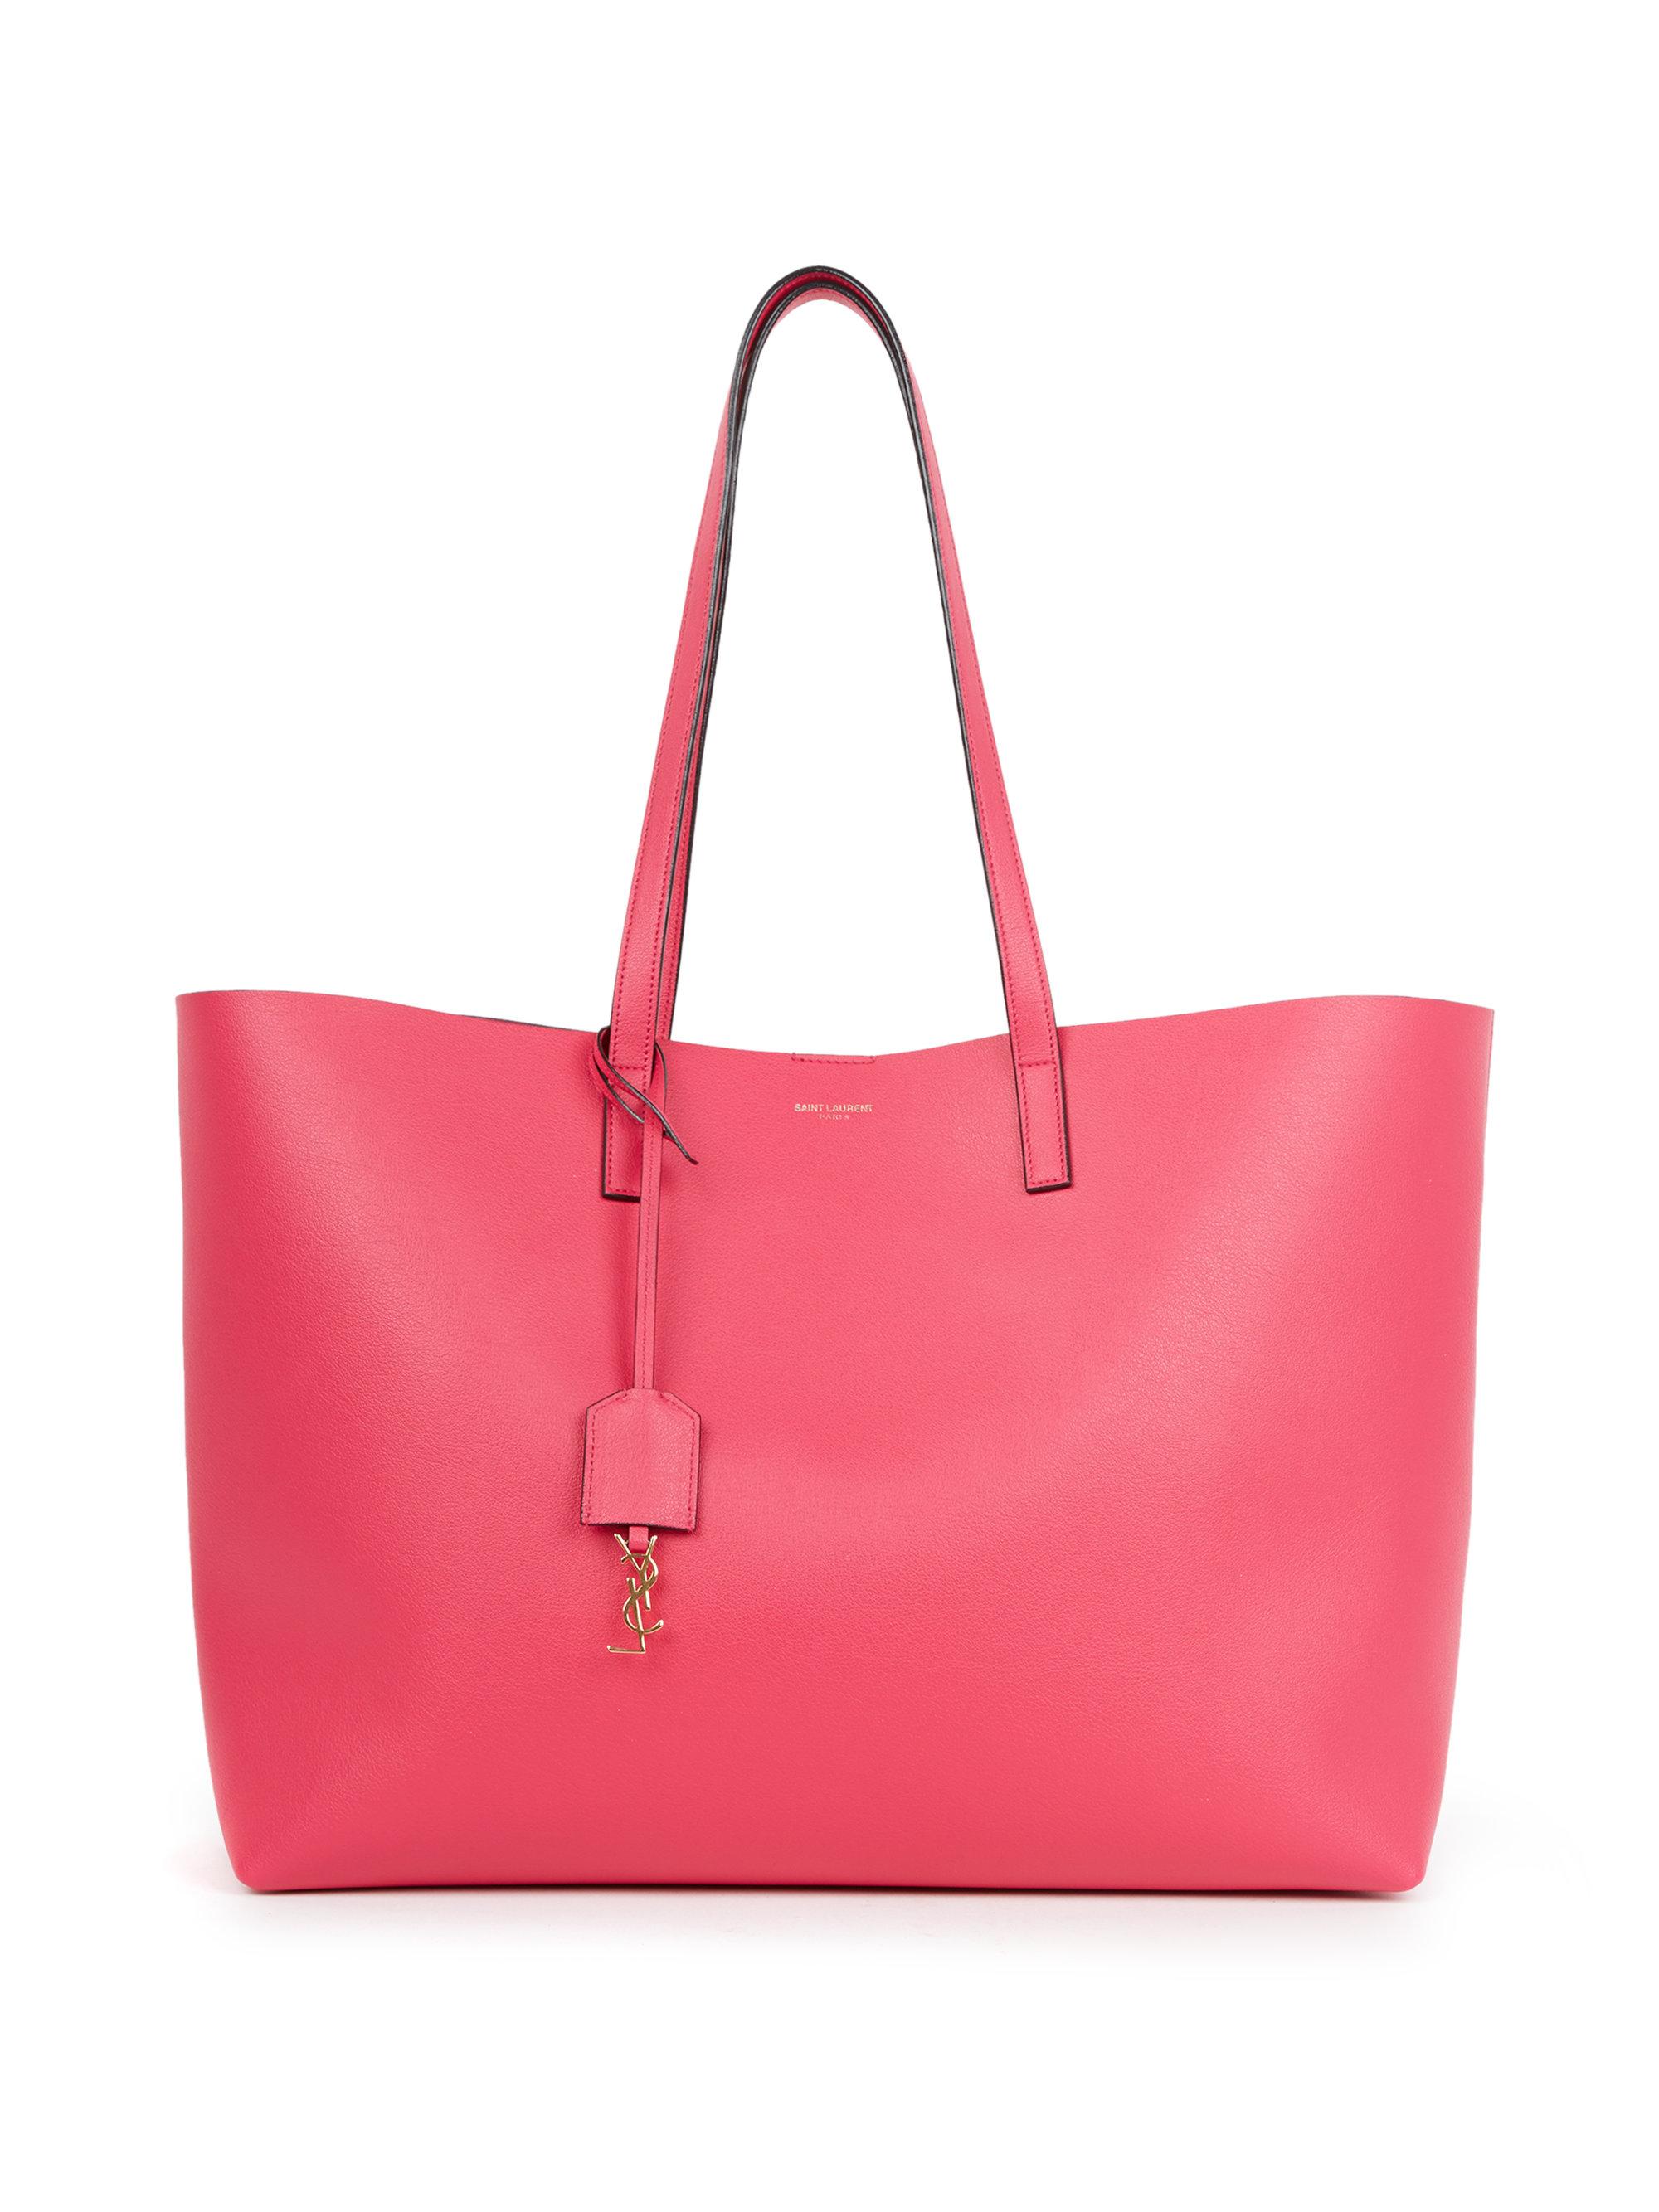 pink shopper leather tote bag Saint Laurent 97P071S